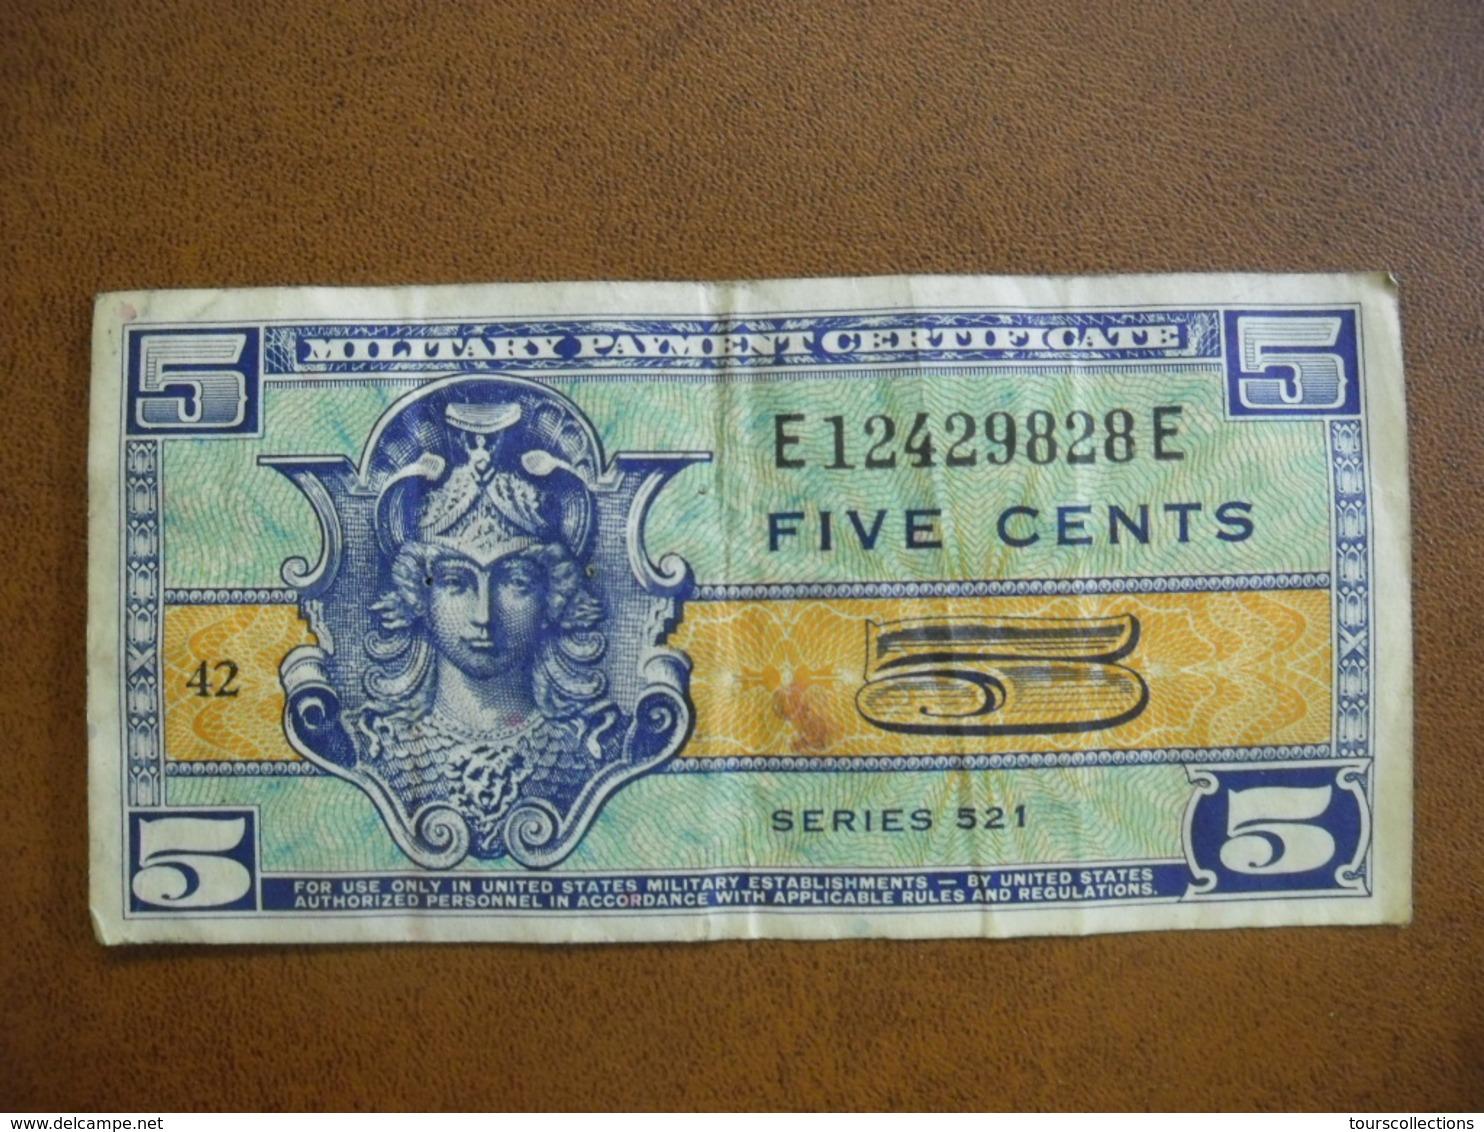 Etats-Unis, 5 Cents Type Série 521, Non Daté (1954), Alphabet 81, Pick M29 - 1954-1958 - Reeksen 521